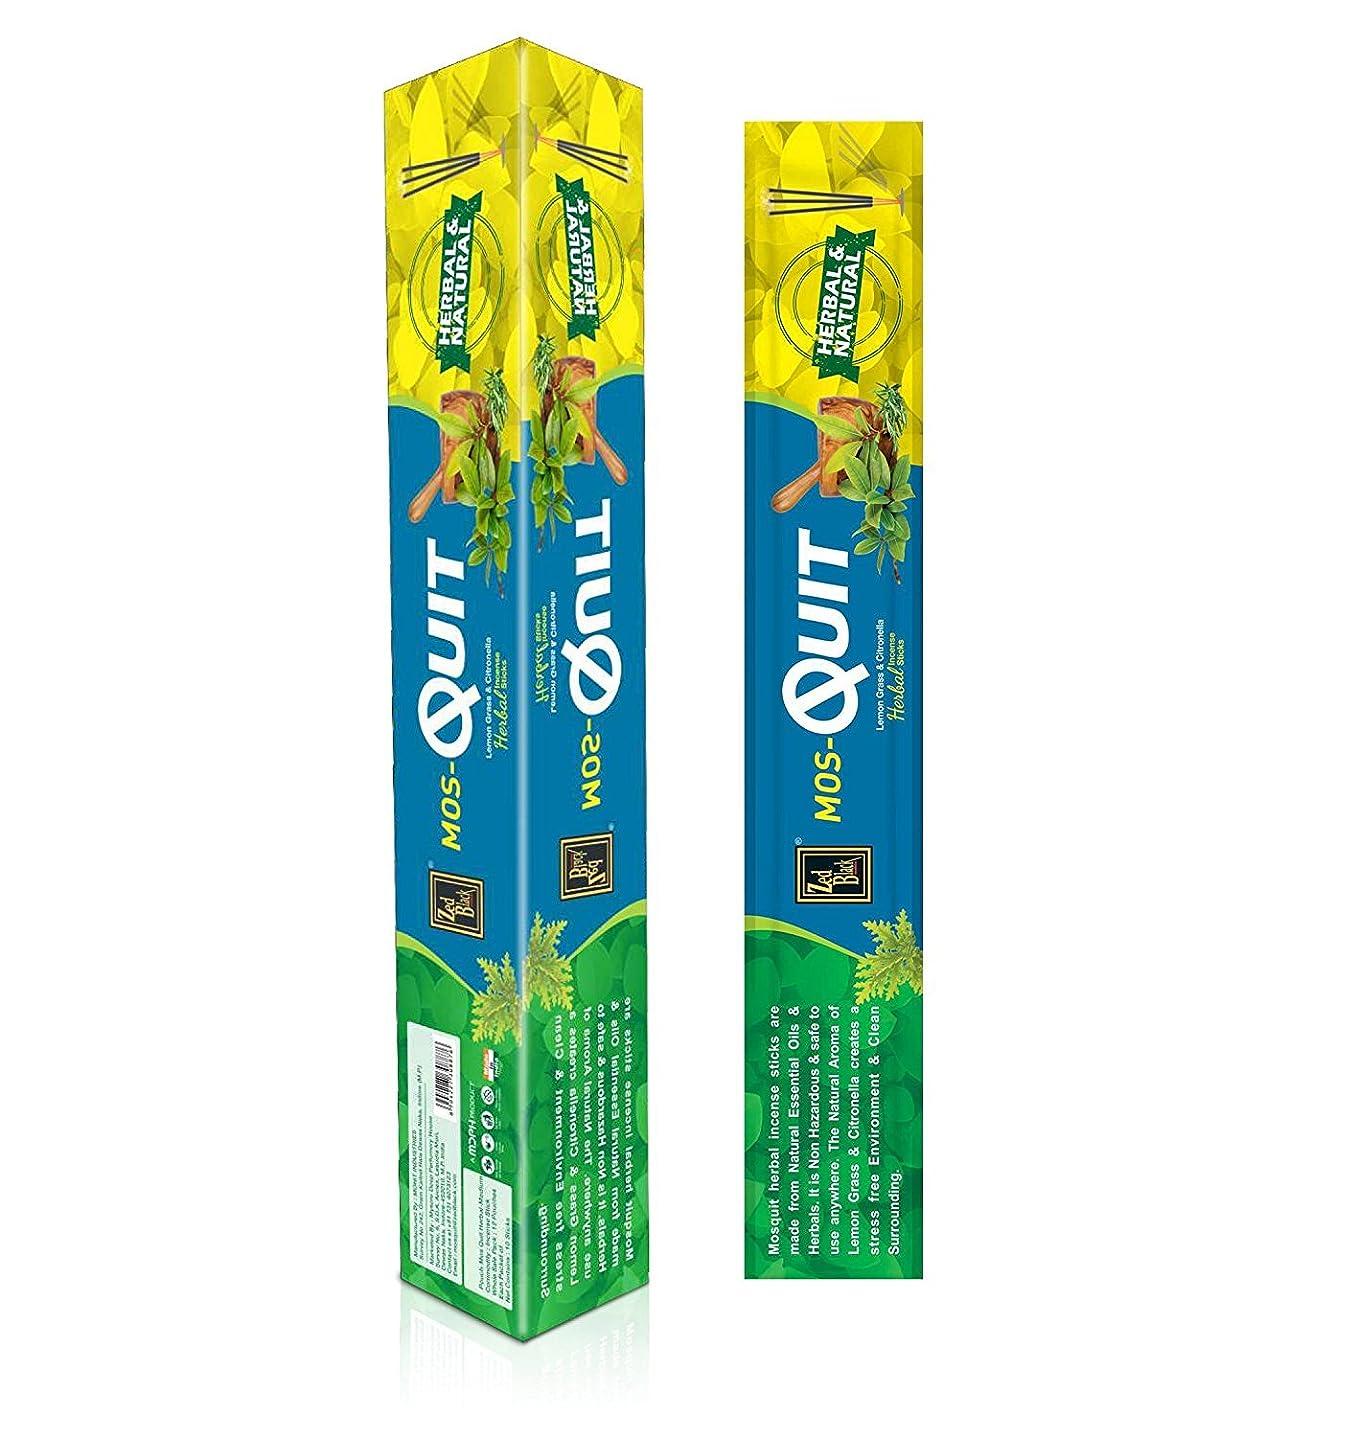 修復魚ダルセットMosquit Incense Sticks?–?120ハーブスティック?–?Mosquito Repellent自然な香りSticks?–?効果的な& worthy-madeから天然エッセンシャルオイル、ハーブ製品?–?Scented Oil Sticks